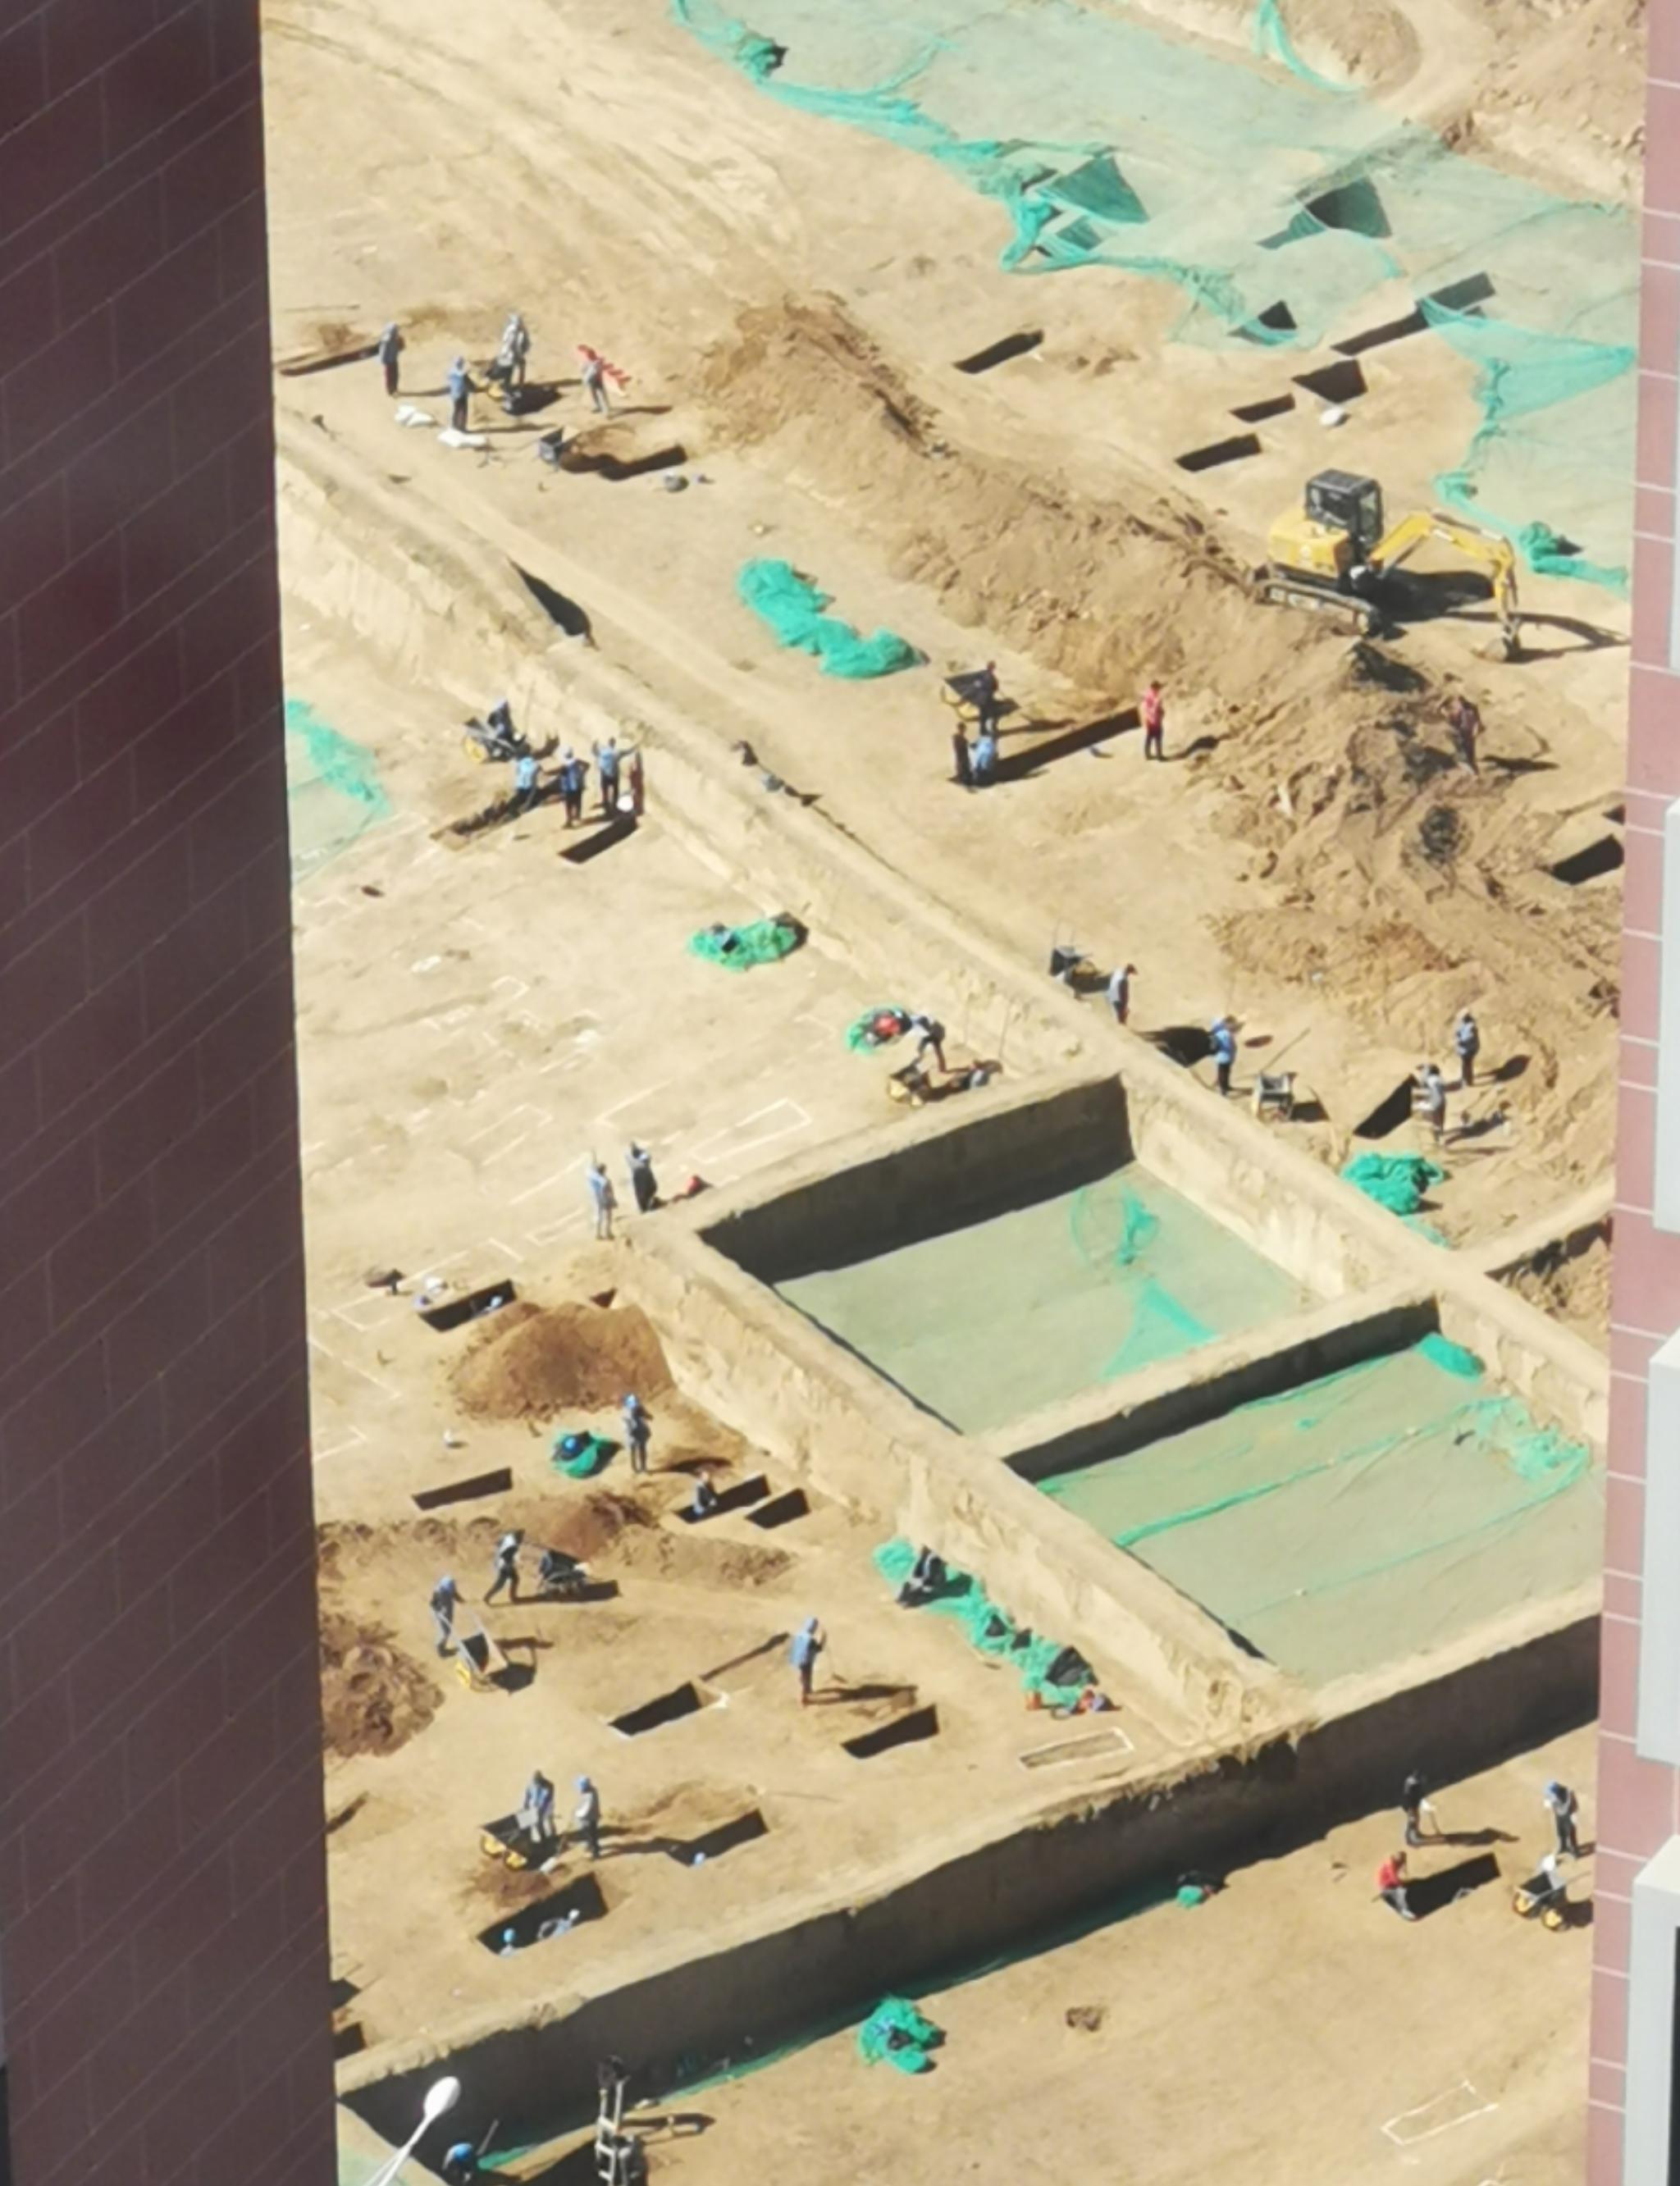 西安南郊一修建工地正在举行考古挖掘